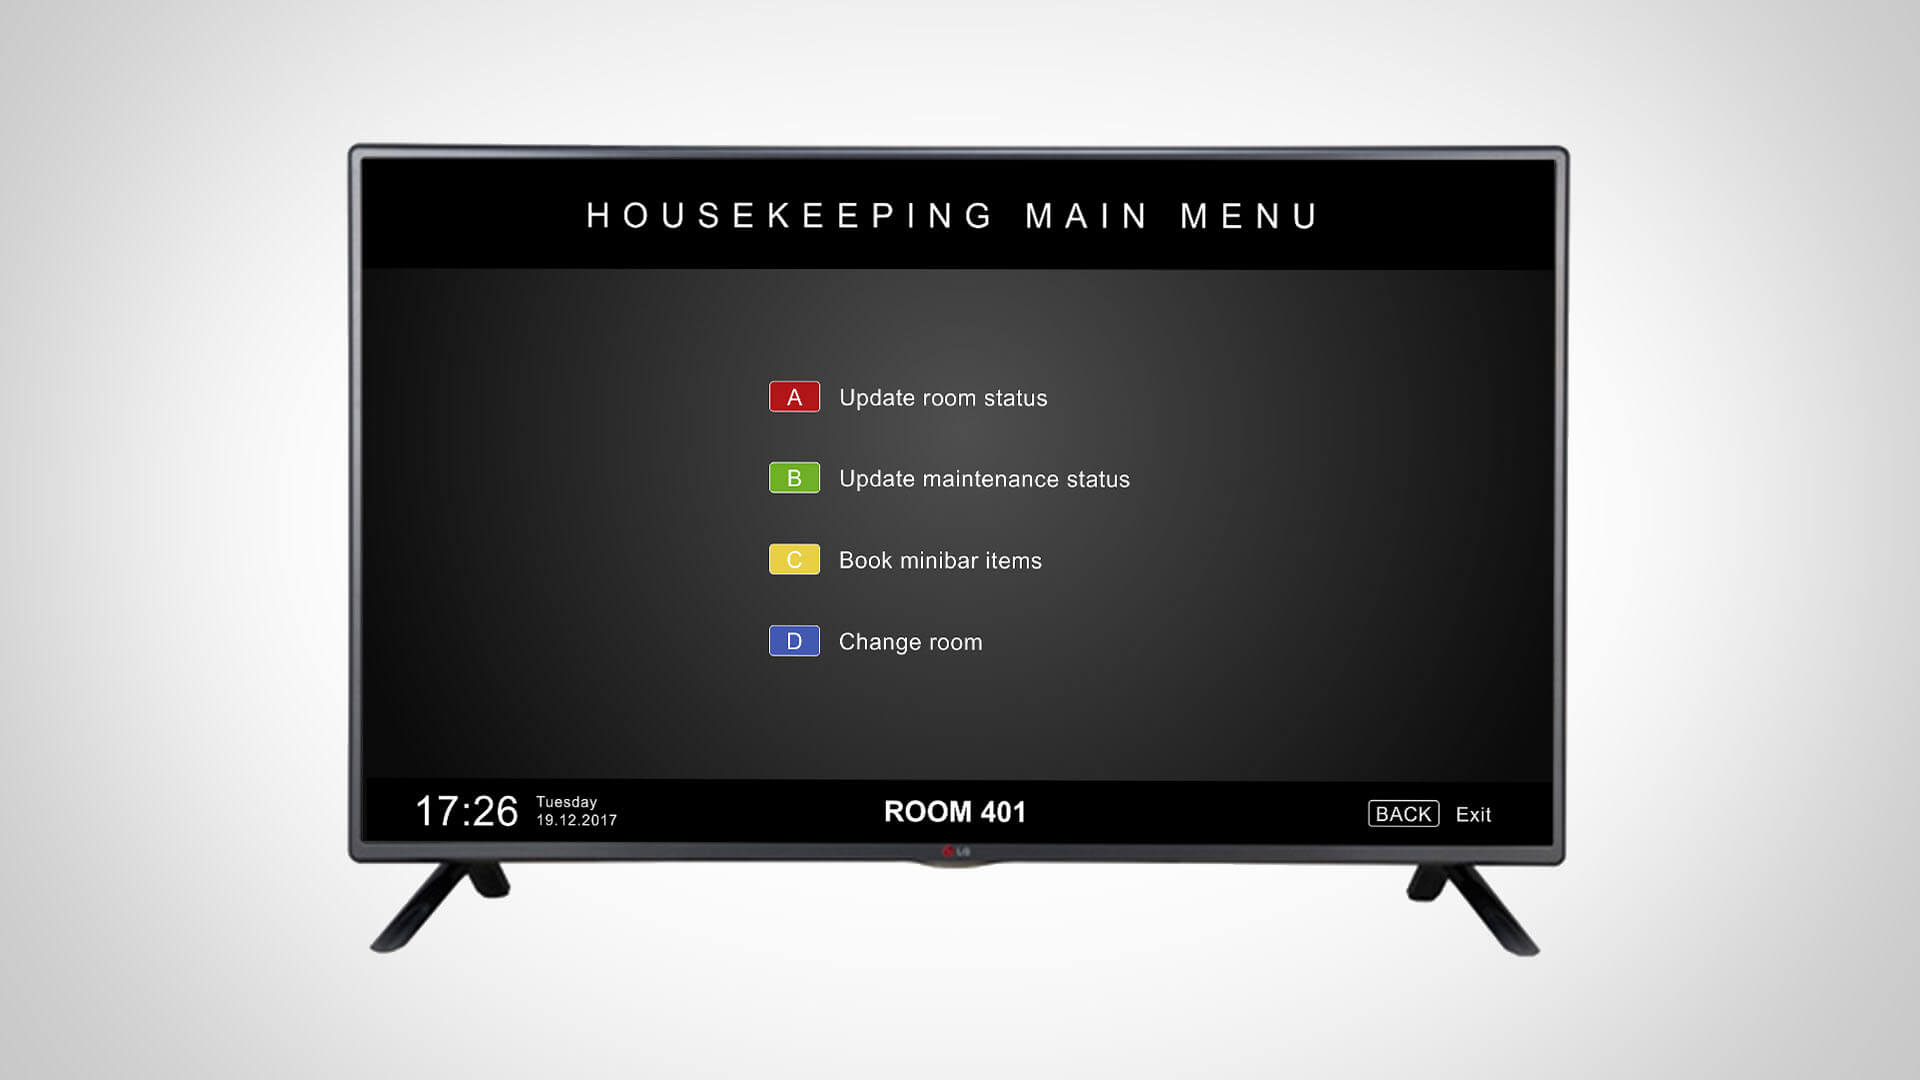 Gäste können Ihre Daten über den TV einsehen und kontrollieren